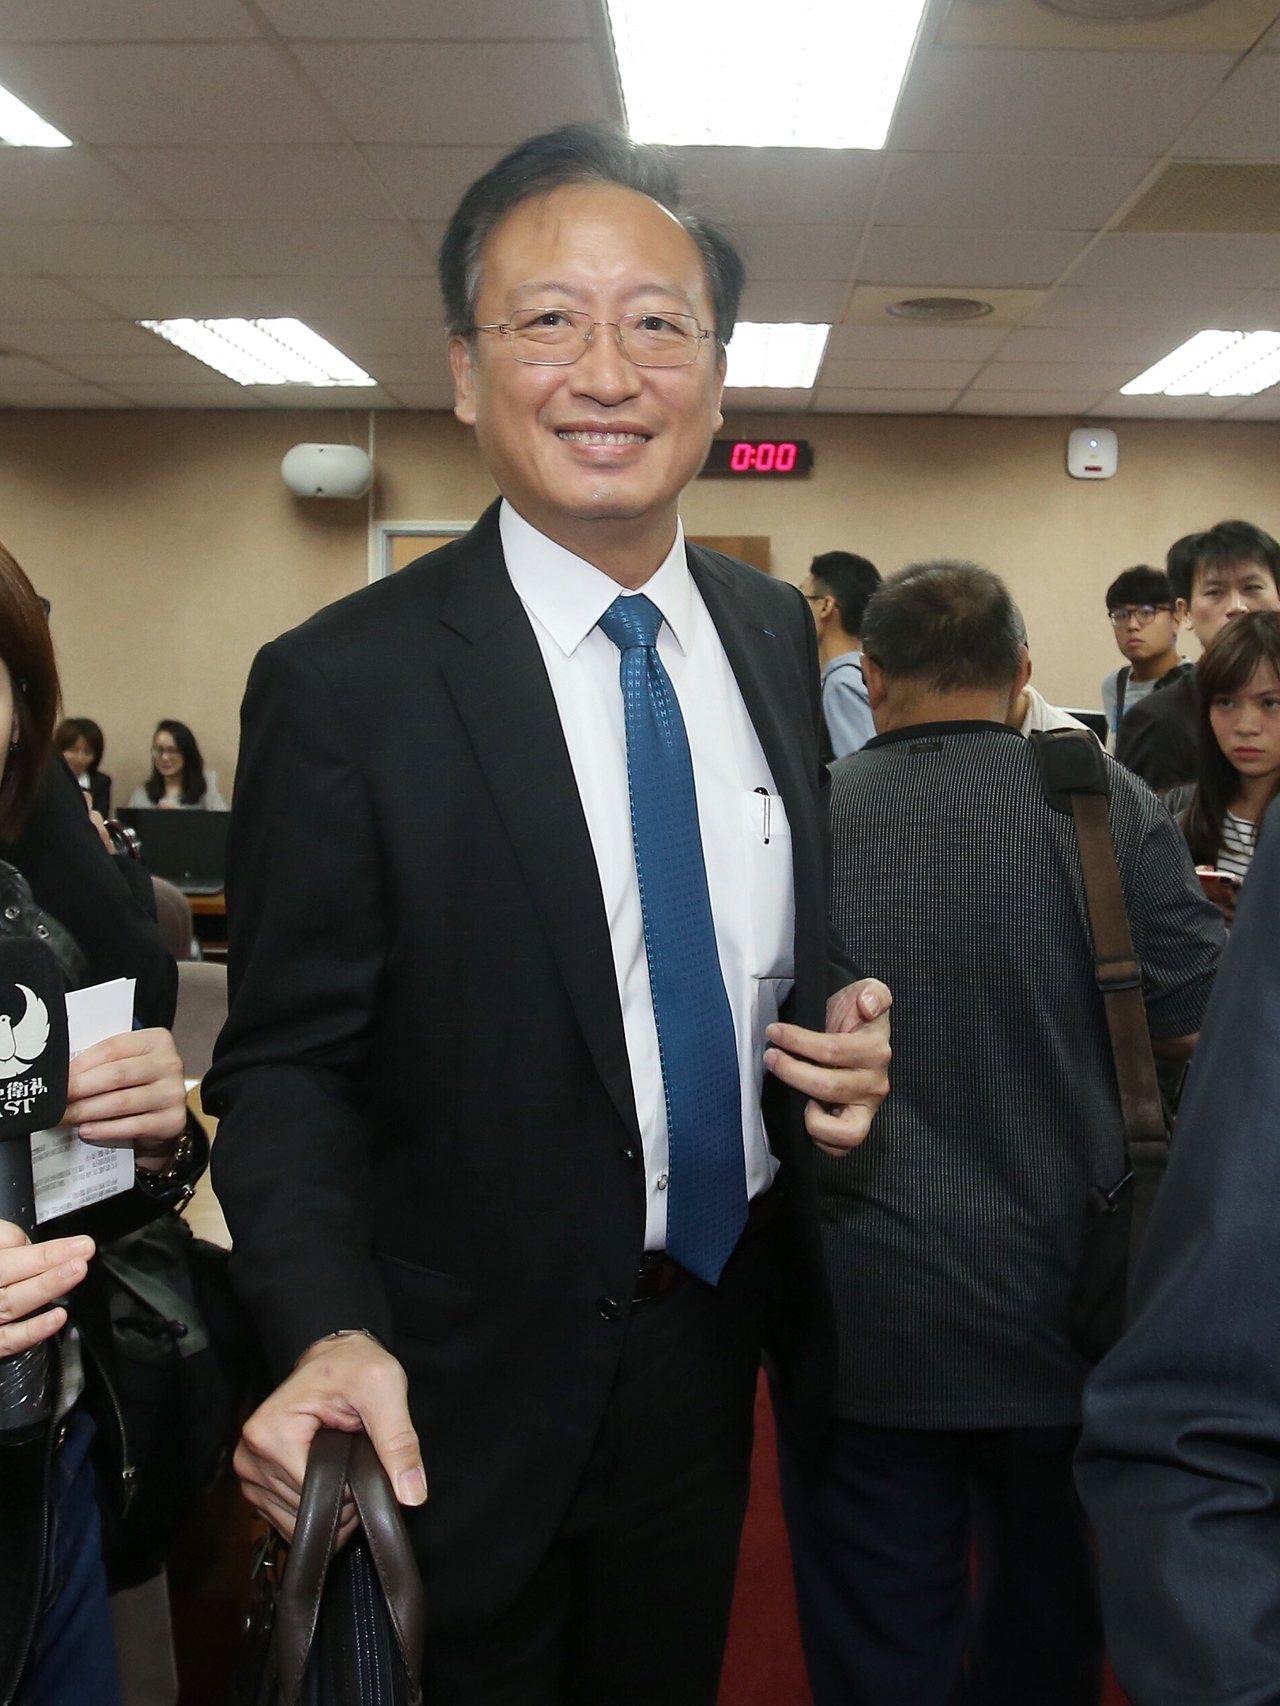 外交部次長吳志中(圖)力挺駐德國代表謝志偉。記者楊萬雲/攝影